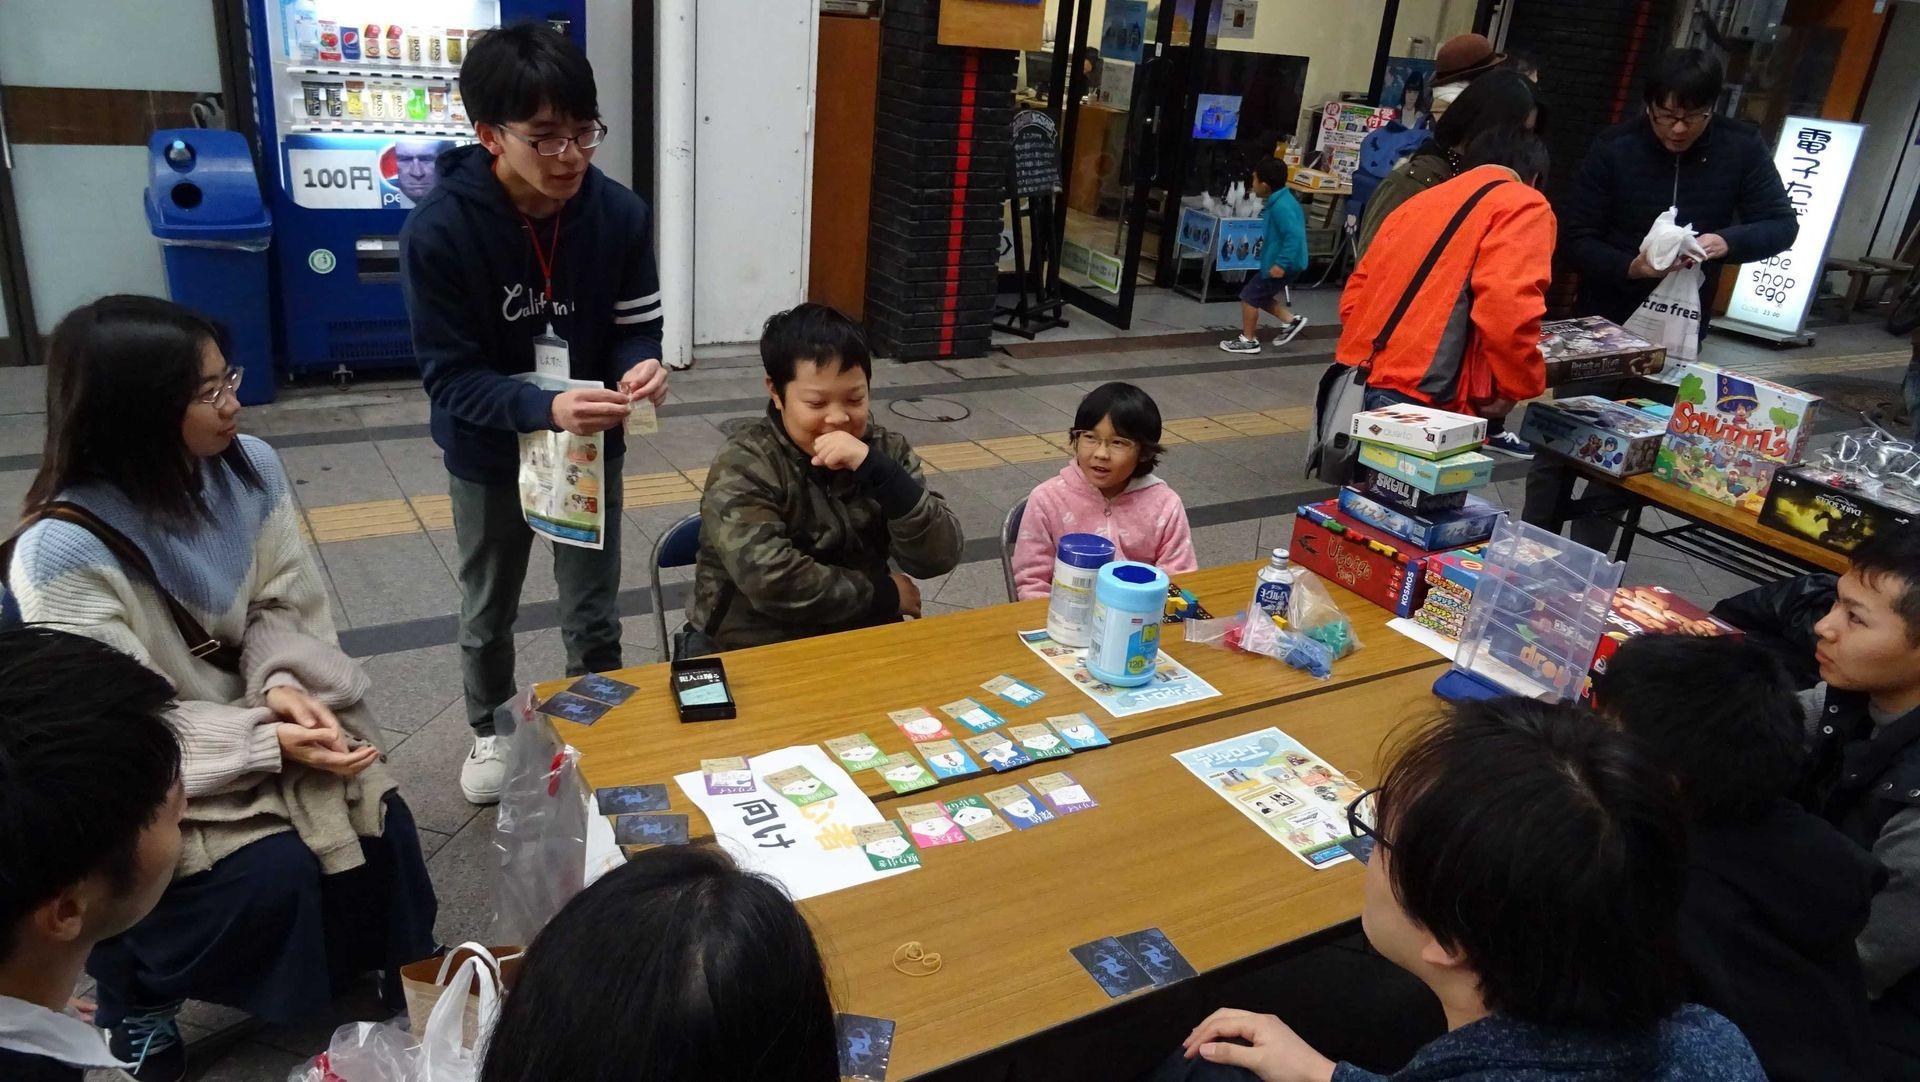 誰のどのカードを選ぶか、真剣に悩んでいる。楽しさが顔からにじみ出ている